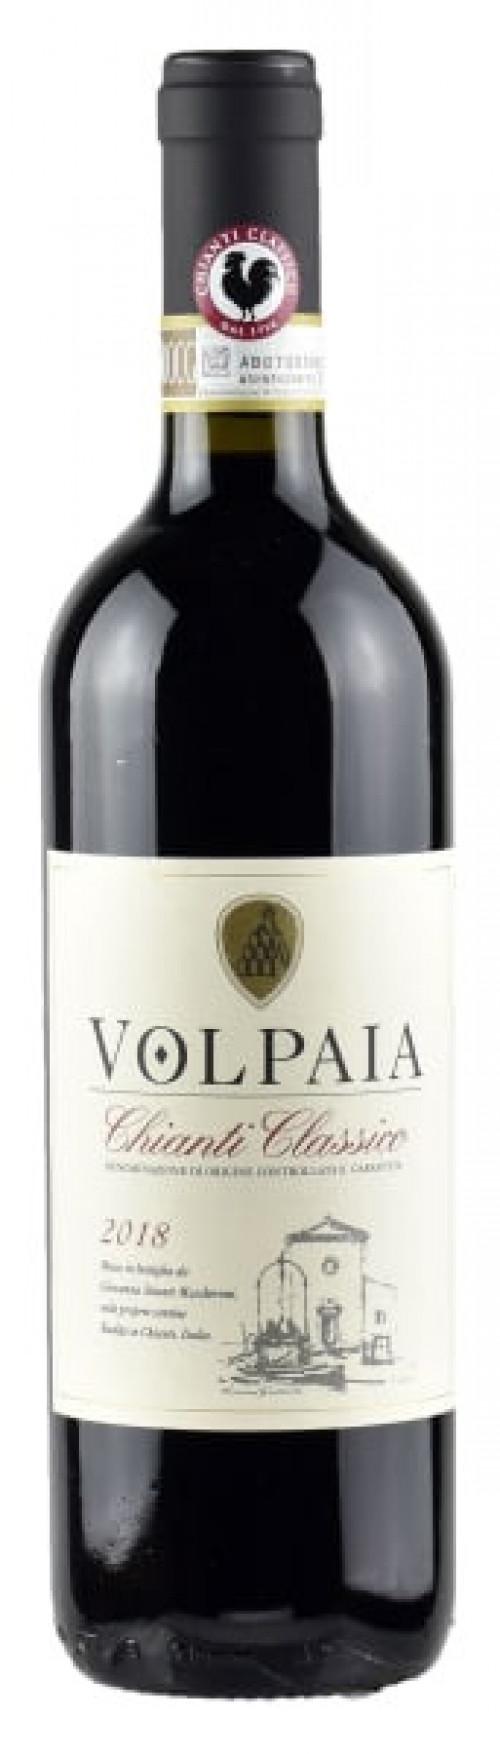 2018 Volpaia Chianti Classico 750ml